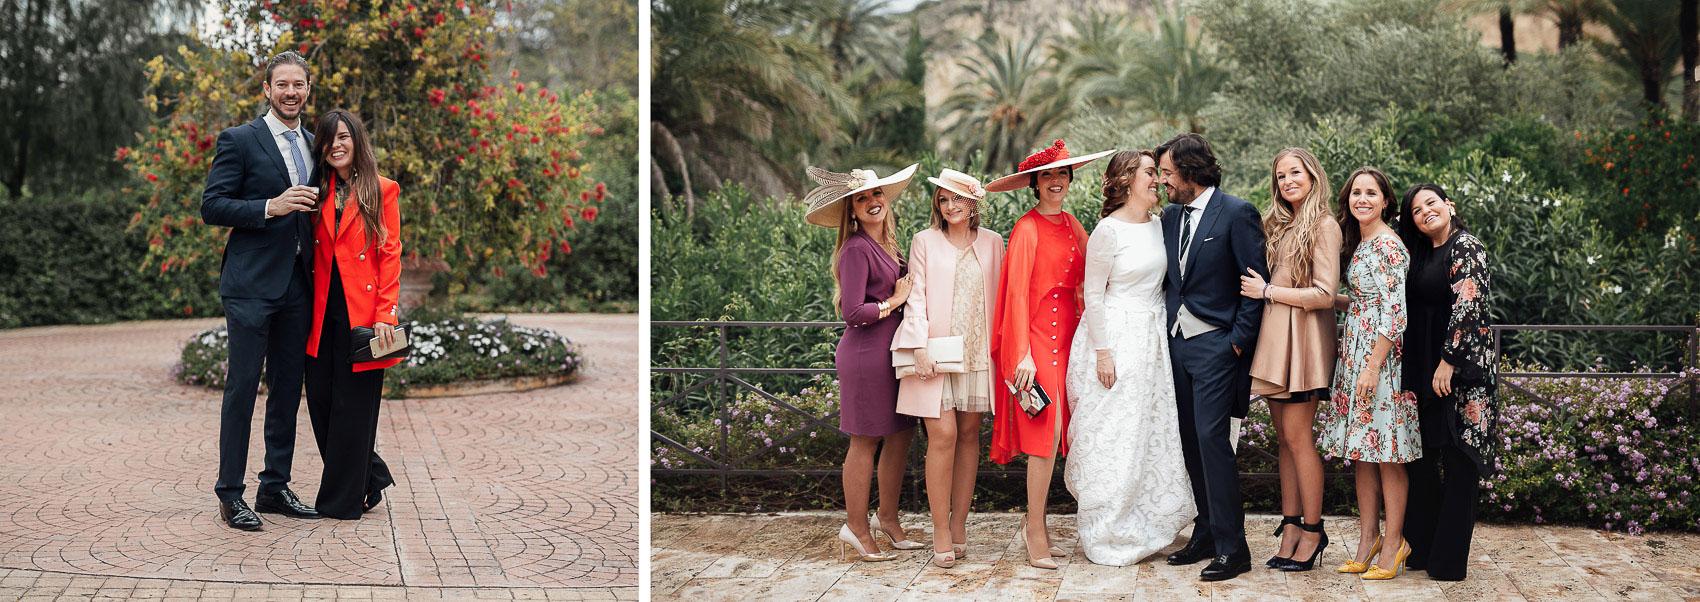 invitadas perfectas outfit novios boda exterior flores